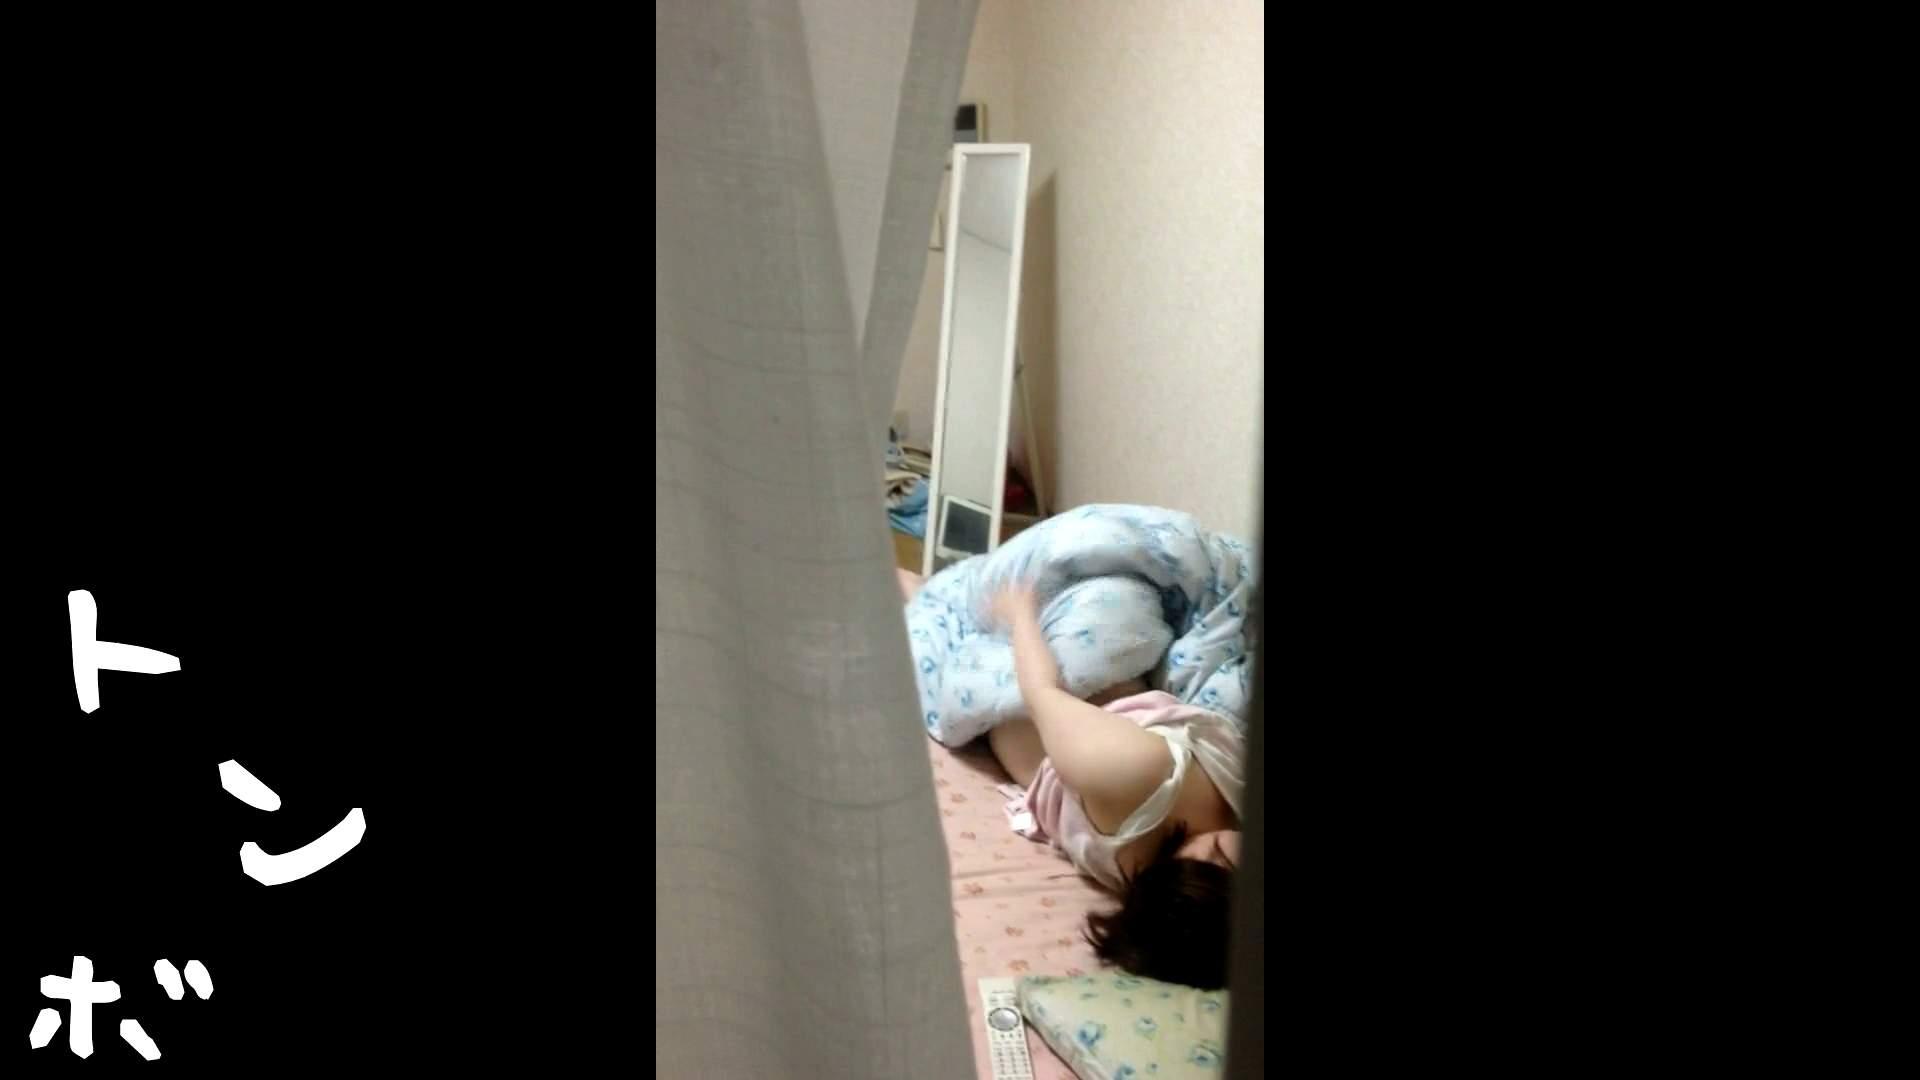 リアル盗撮 愛しいぽっちゃり女子大生 性欲溢れるオナニー 民家 ヌード画像 111画像 60